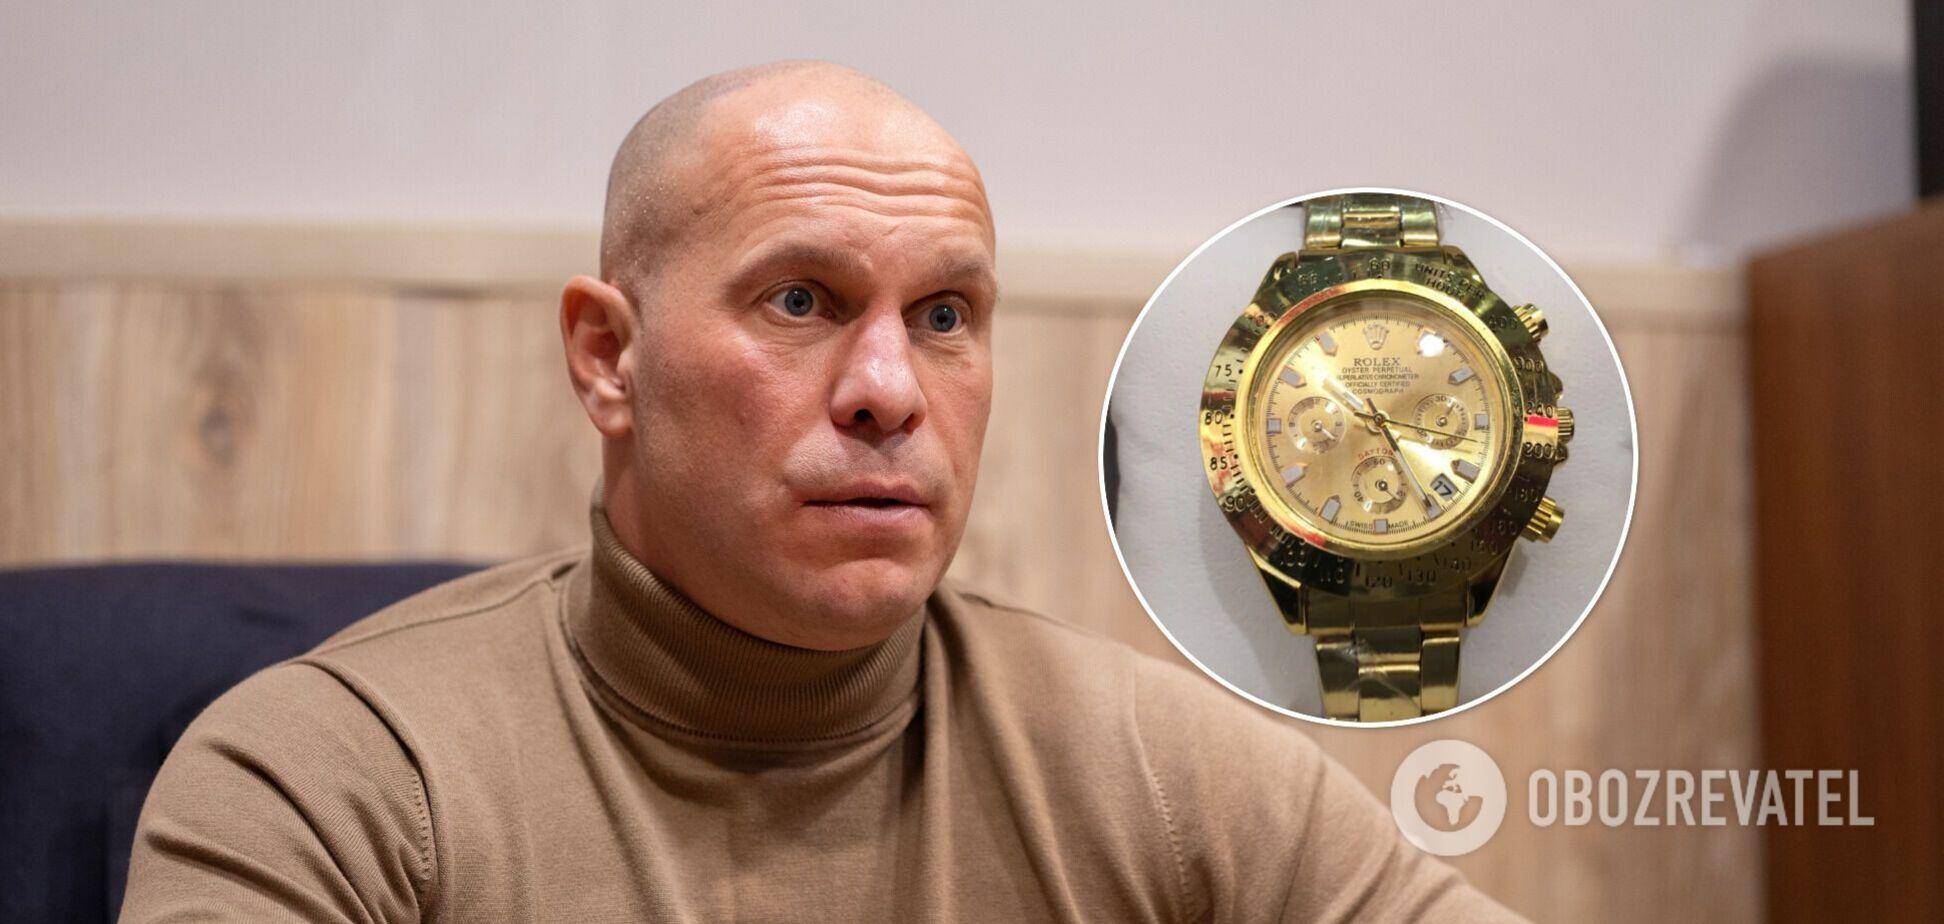 Кива обнародовал новую декларацию: исчезла жомовая яма, но появились часы Rolex